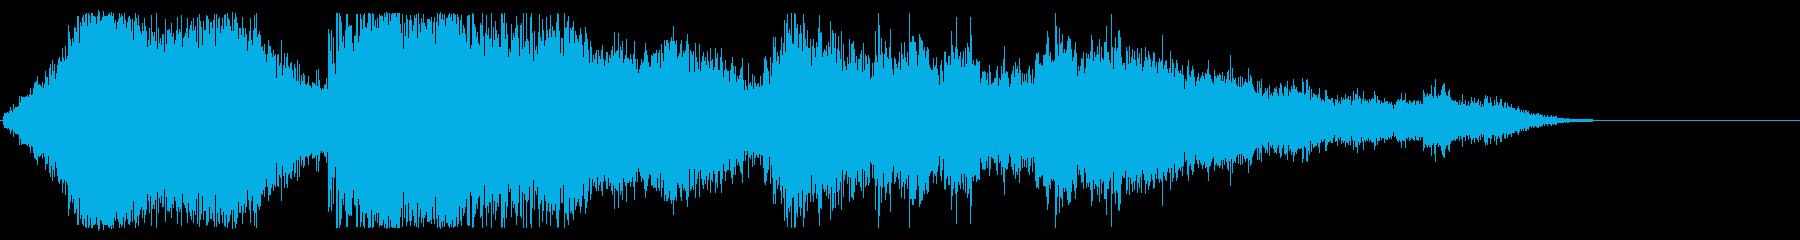 穀物のダウンロード、データサイクル...の再生済みの波形